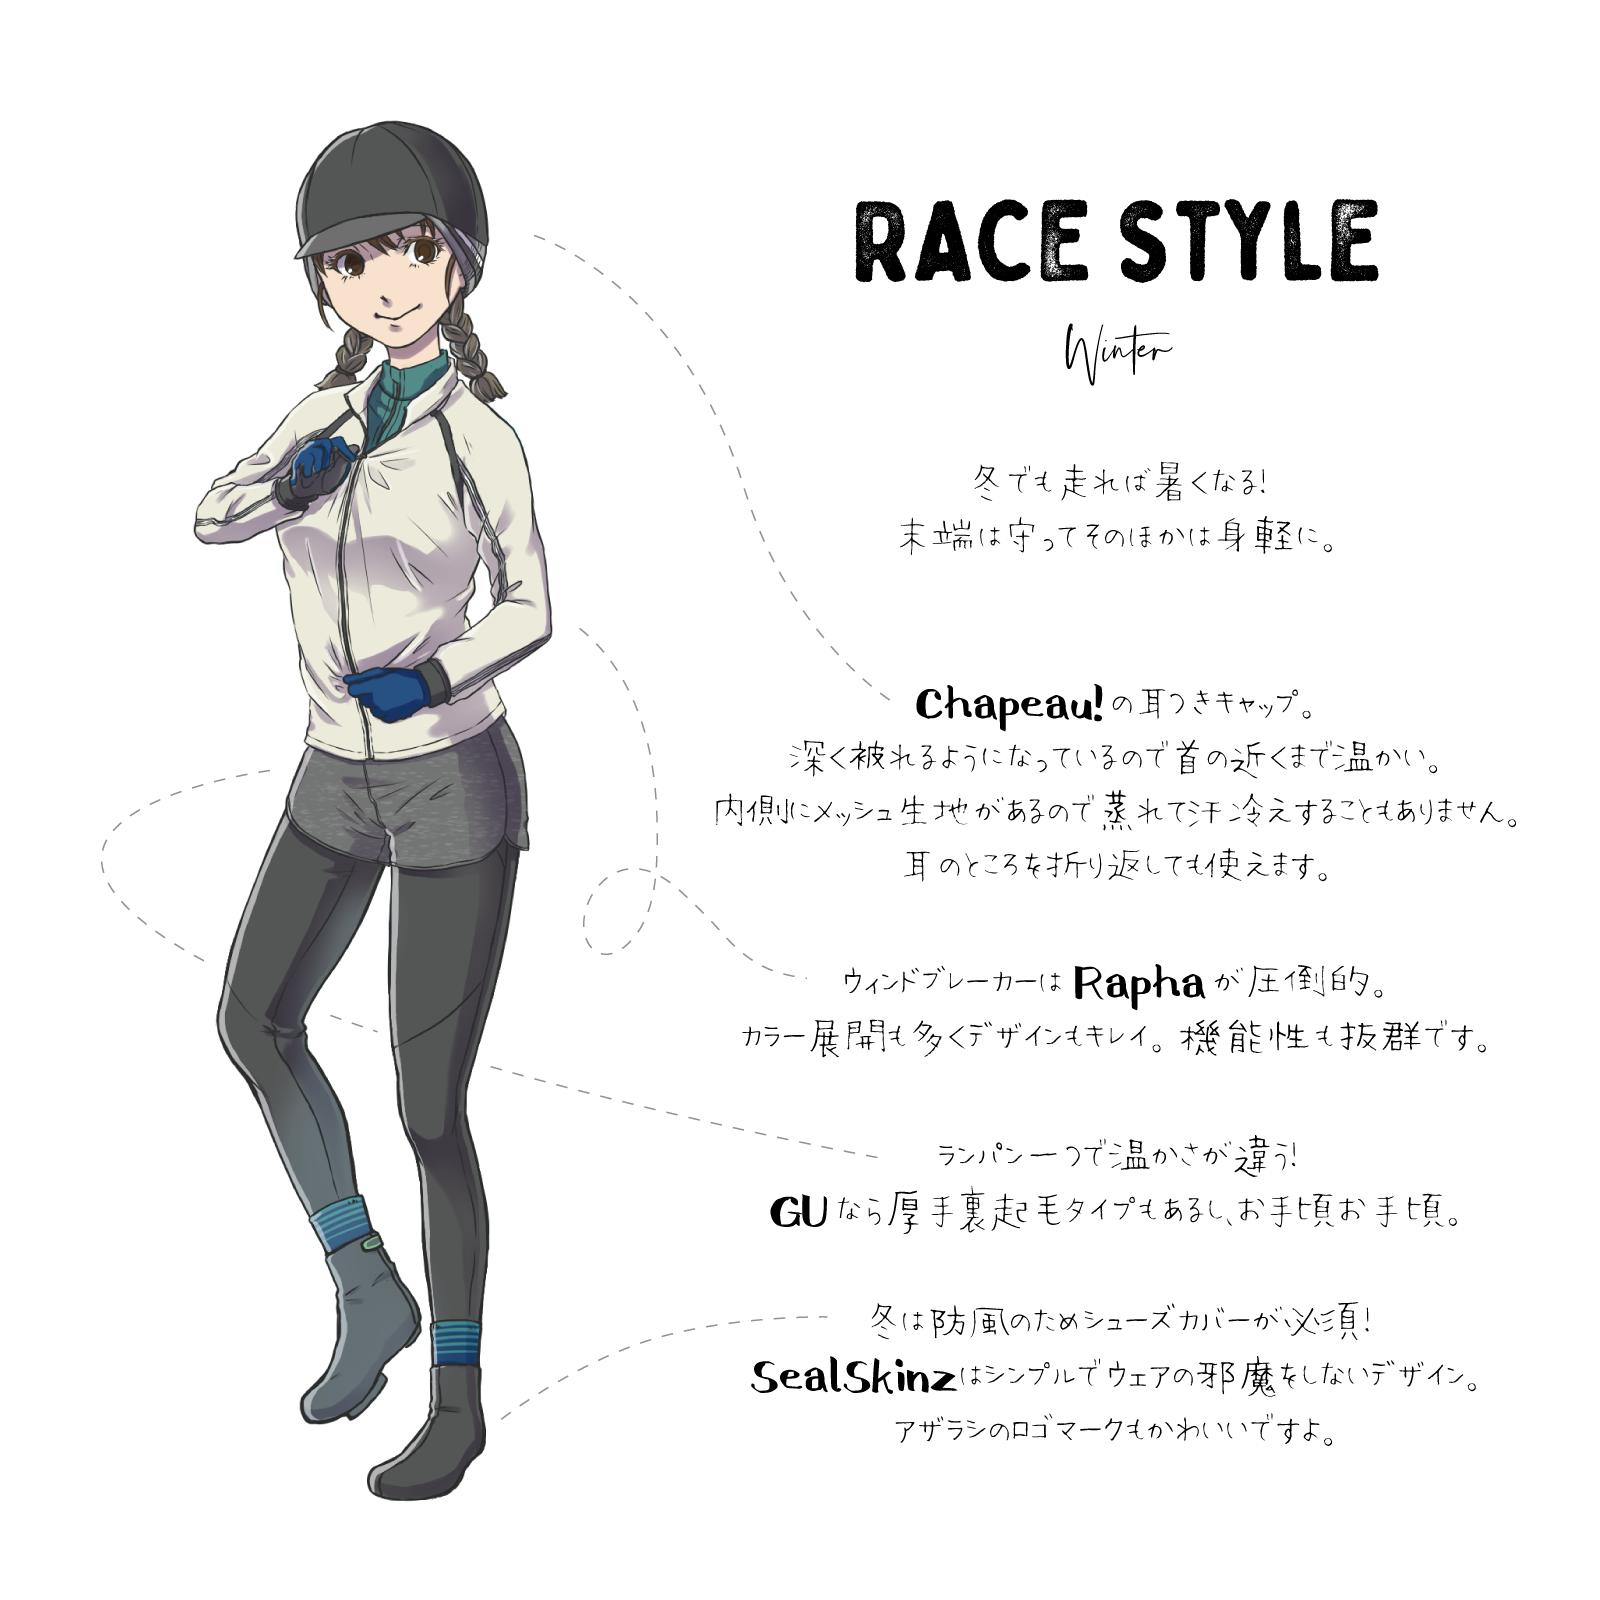 冬のレーススタイル